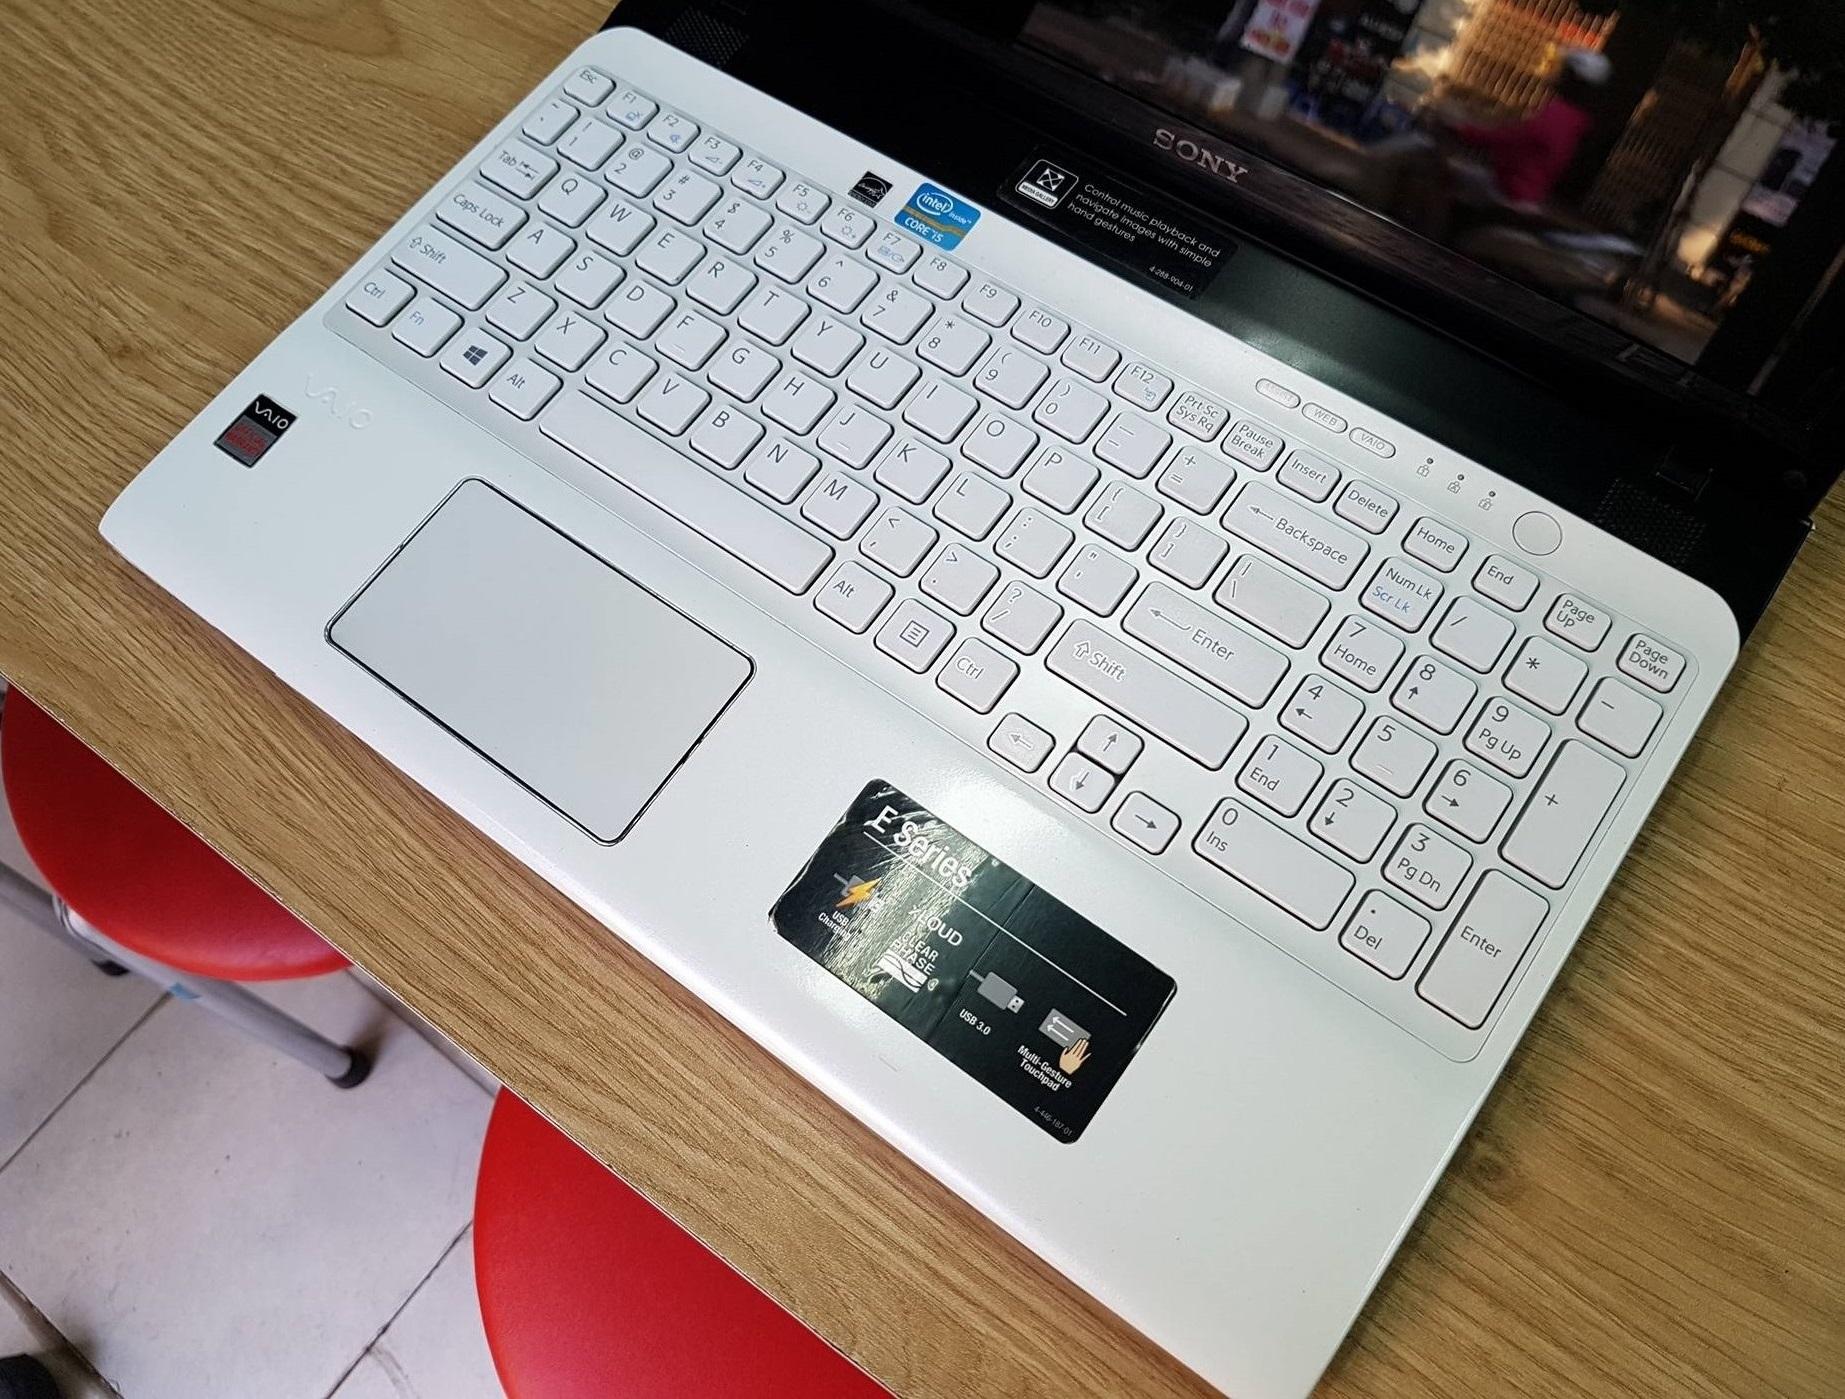 6 Laptop Cũ Chính Hãng - Rẻ Nhất Hà Nội - Tặng full Phụ Kiện - Freeship hàng Toàn Quốc